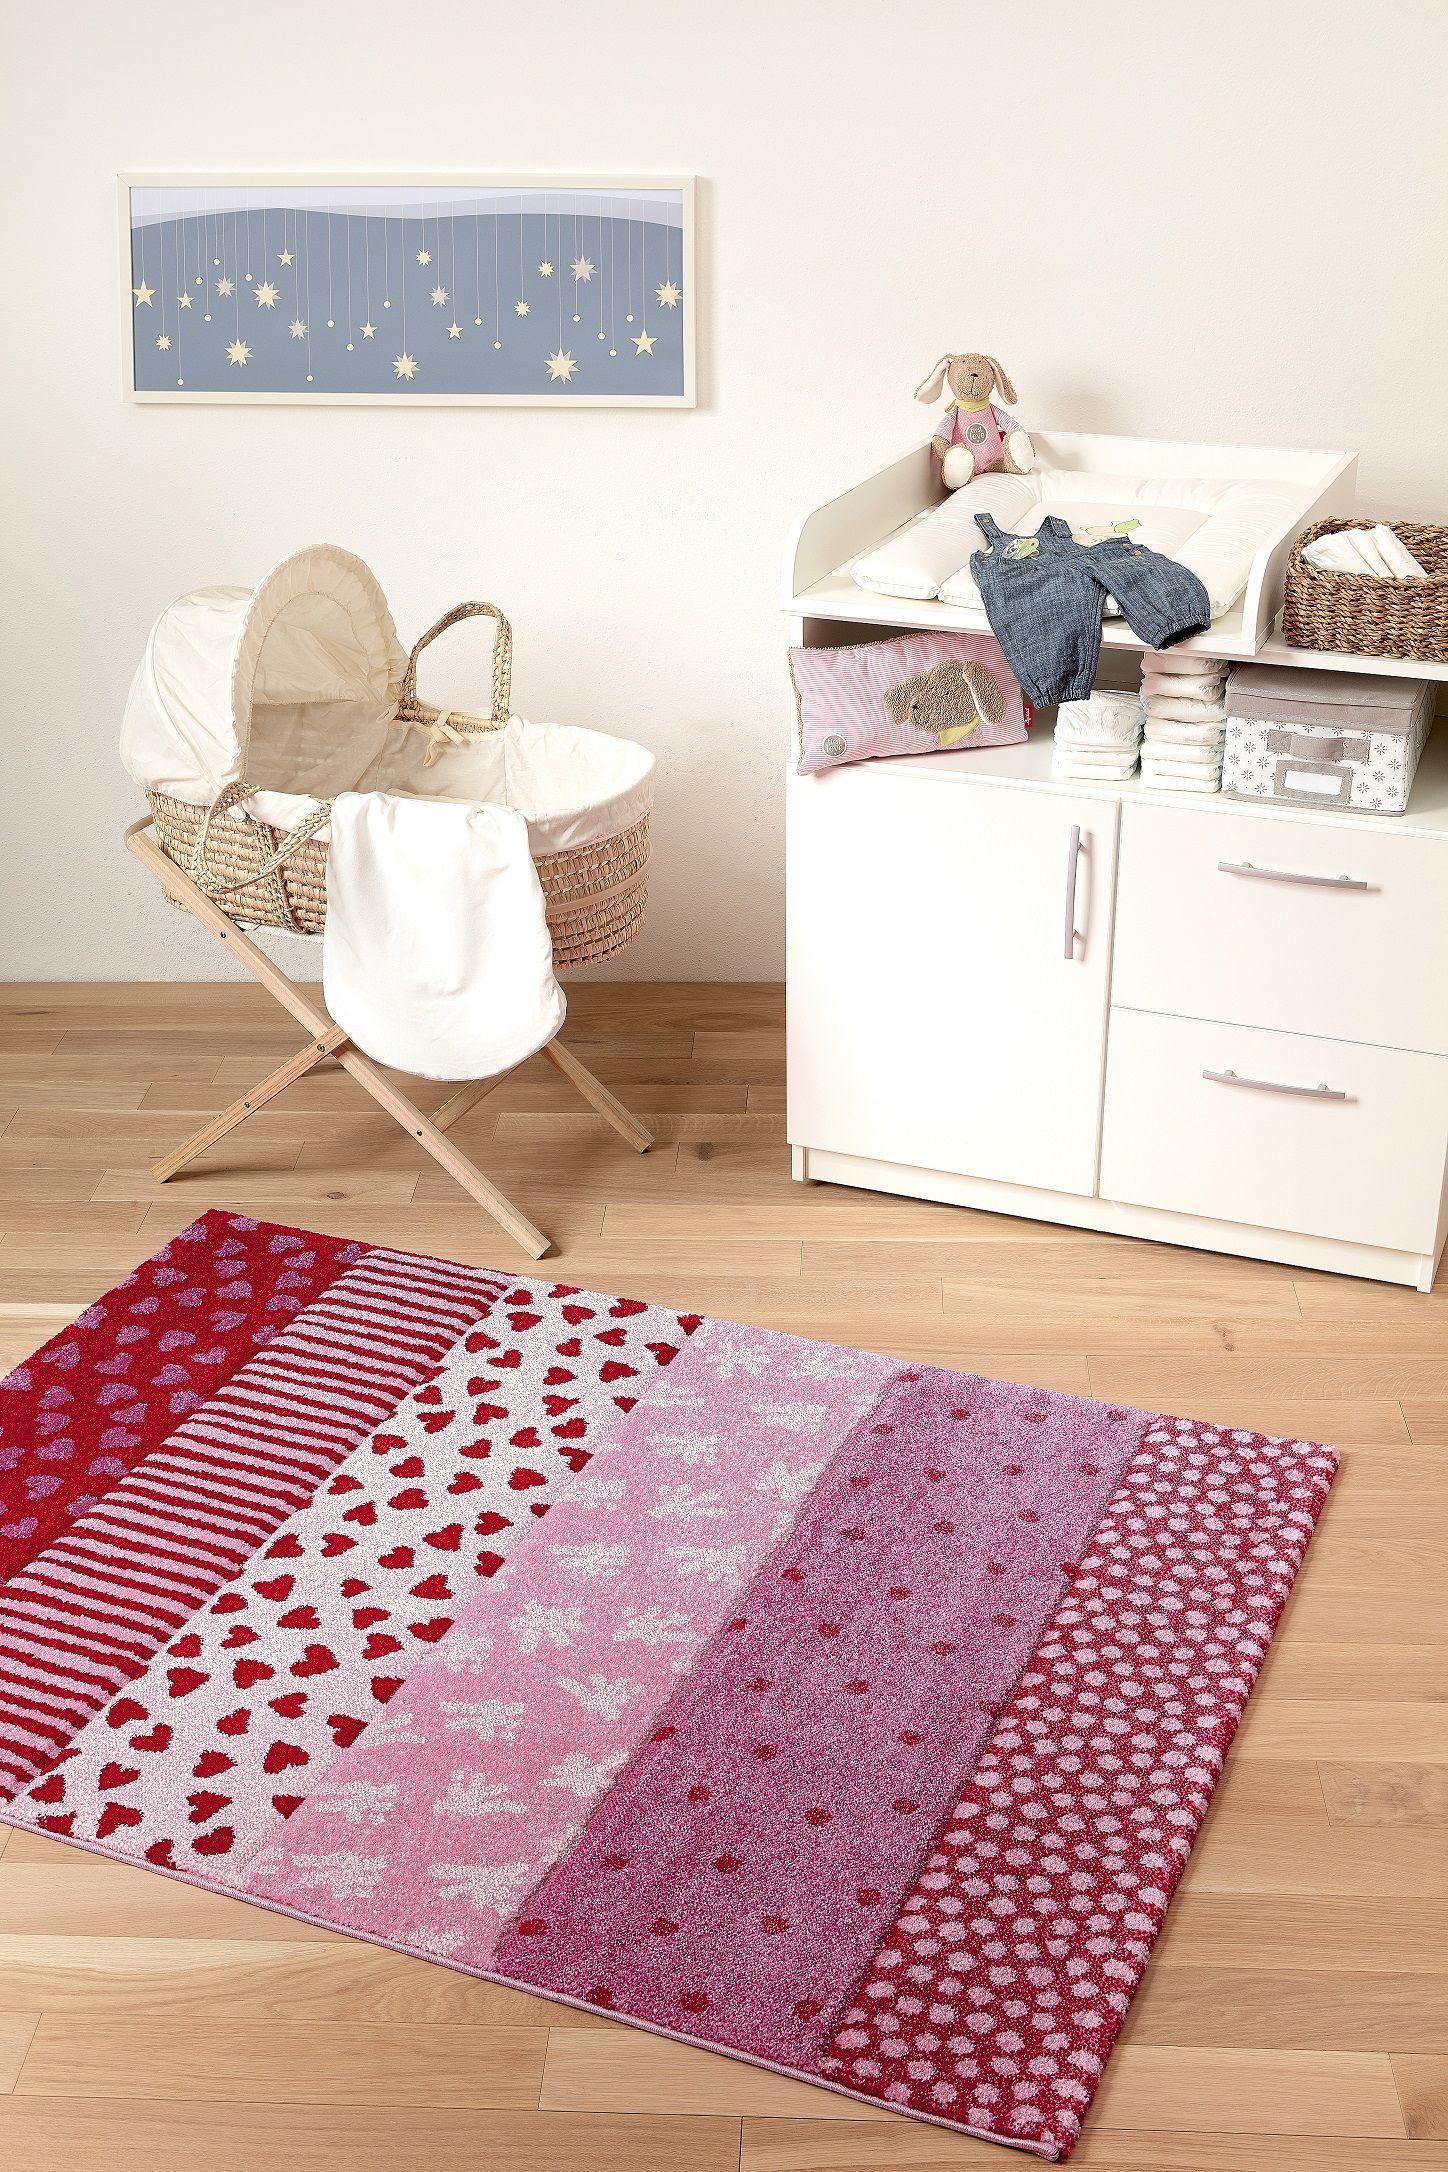 Full Size of Teppichboden Kinderzimmer Regale Regal Sofa Weiß Kinderzimmer Teppichboden Kinderzimmer